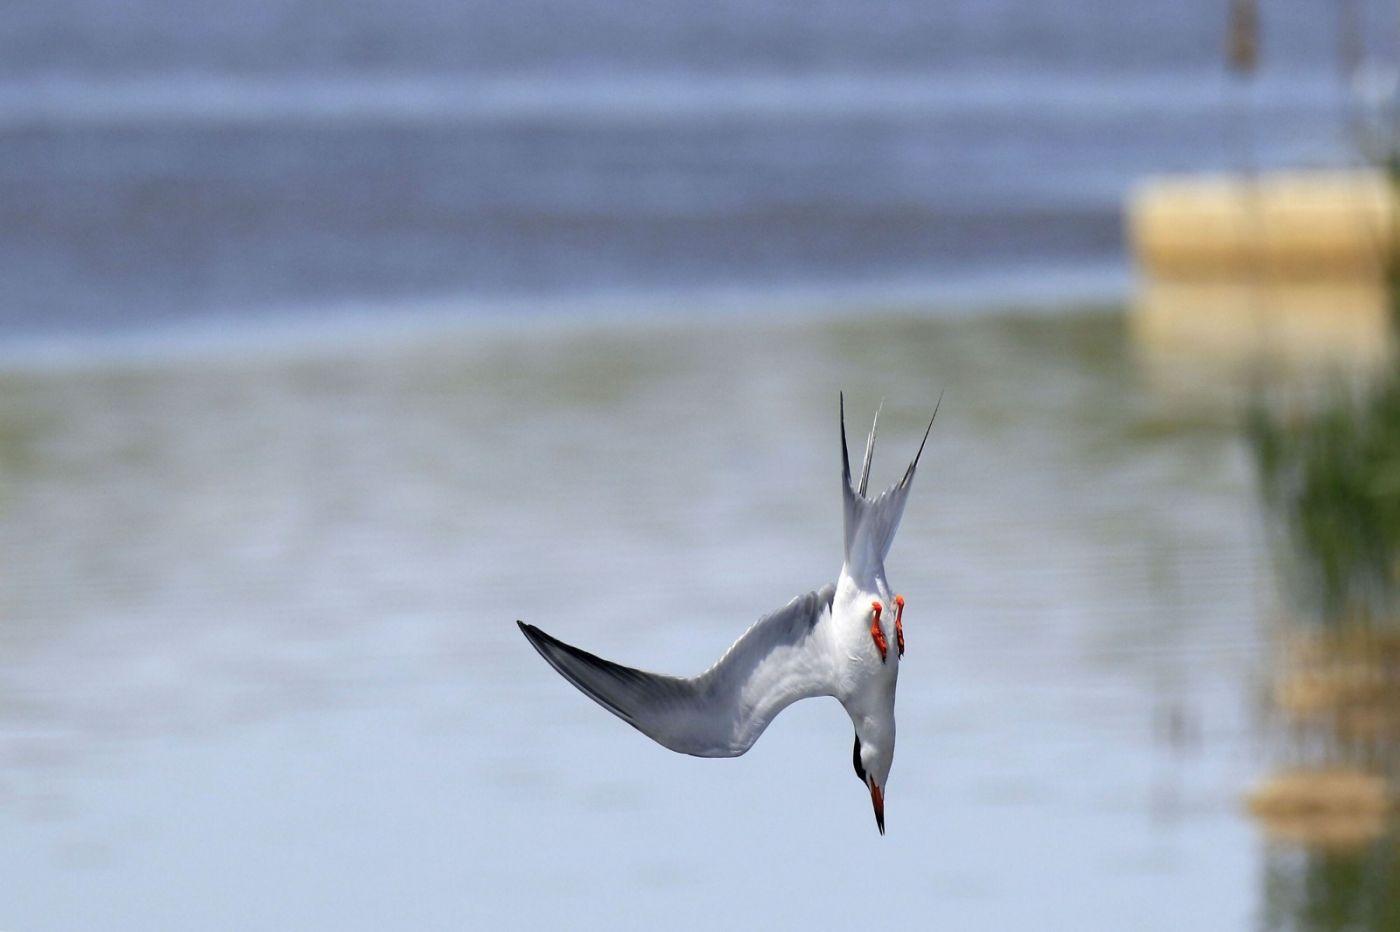 燕鸥捕鱼_图1-4